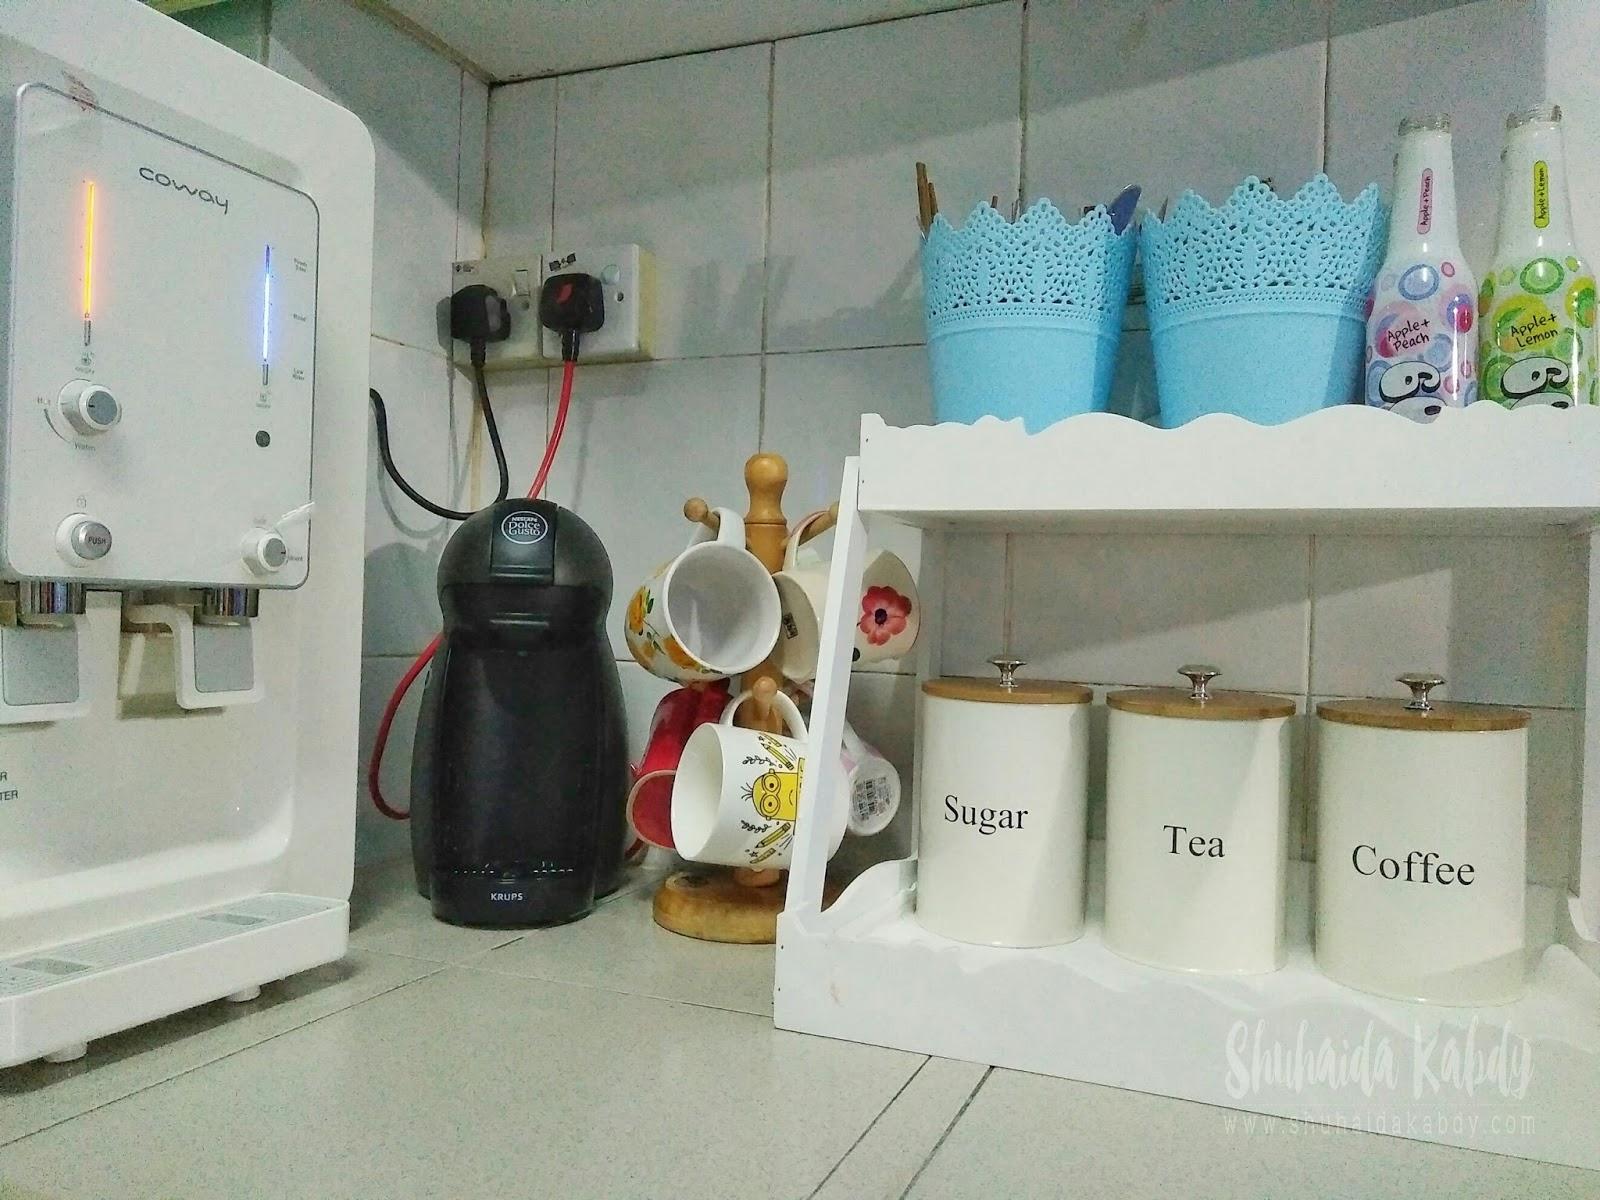 Sedap Mata Memandang Cara Kekalkan Dapur Kemas Dan Bersih